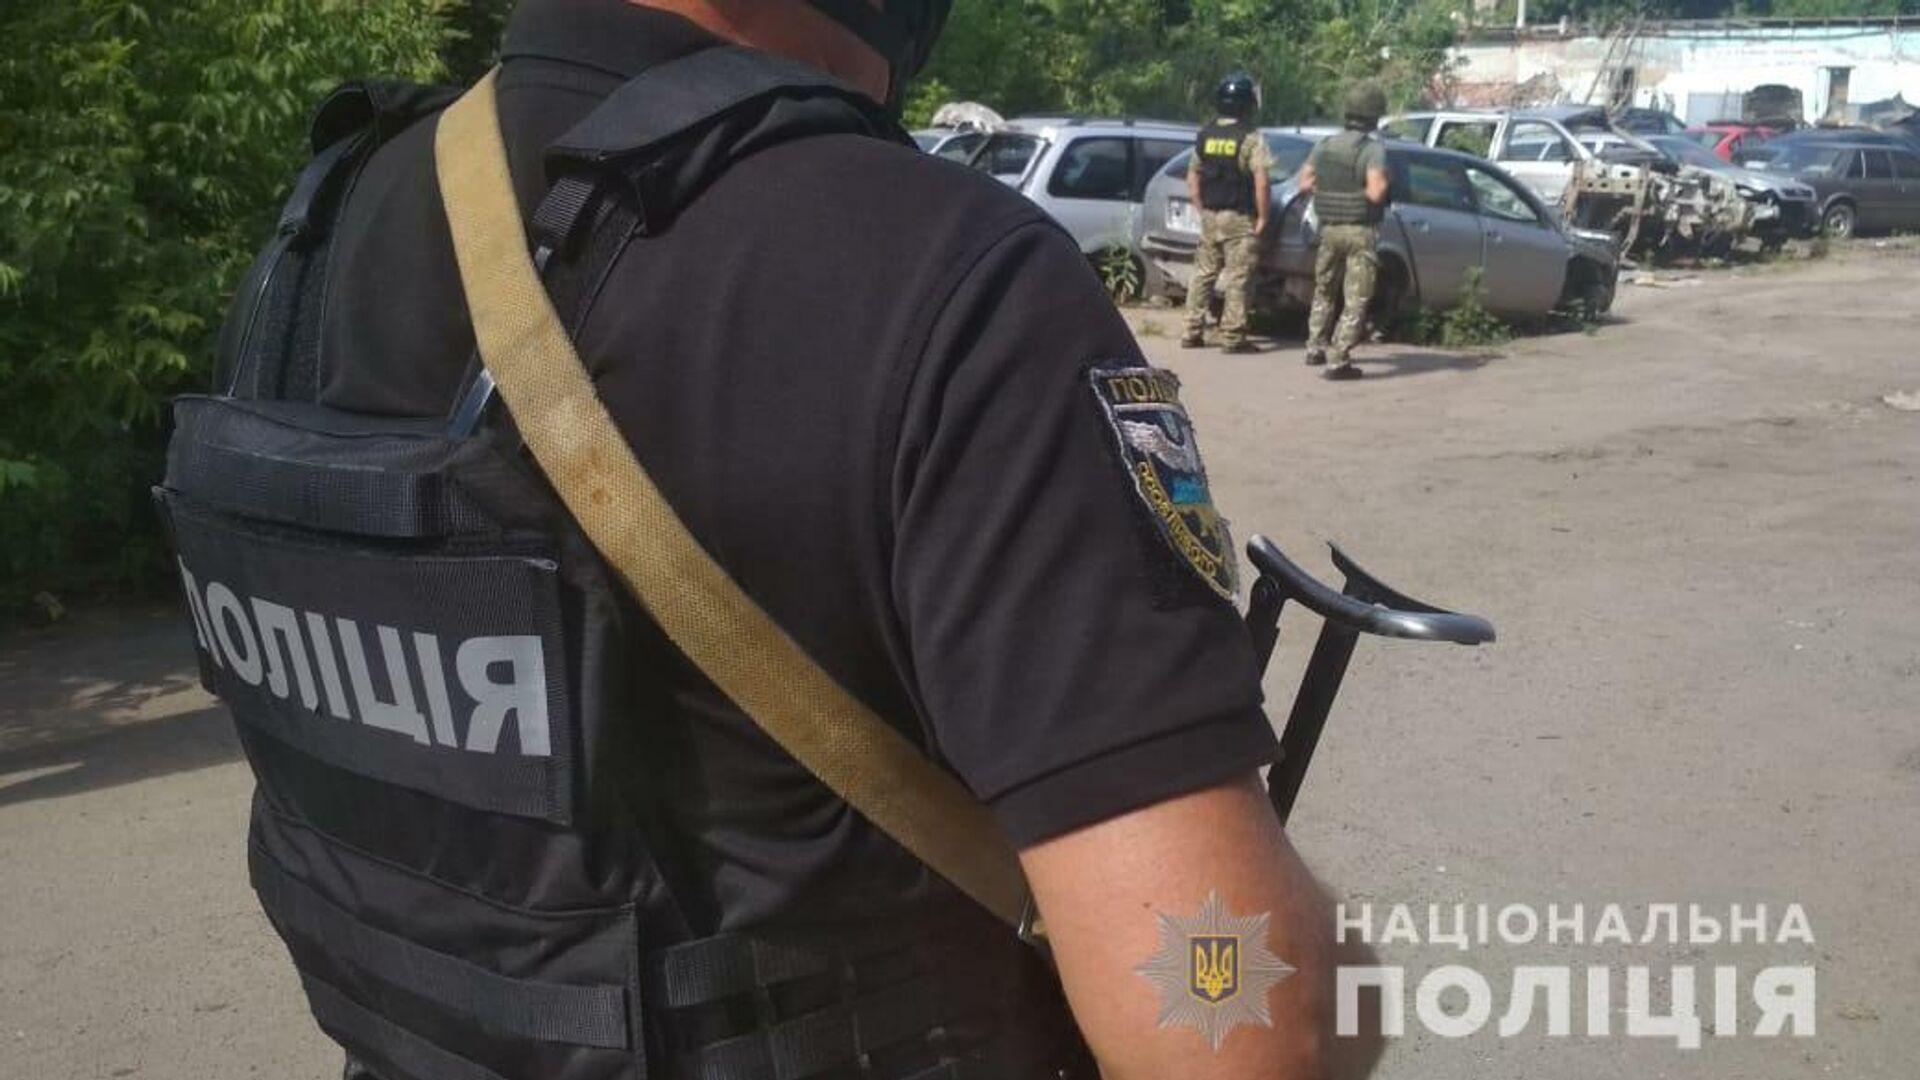 Сотрудники украинской полиции на месте происшествия в Полтаве - РИА Новости, 1920, 06.09.2020